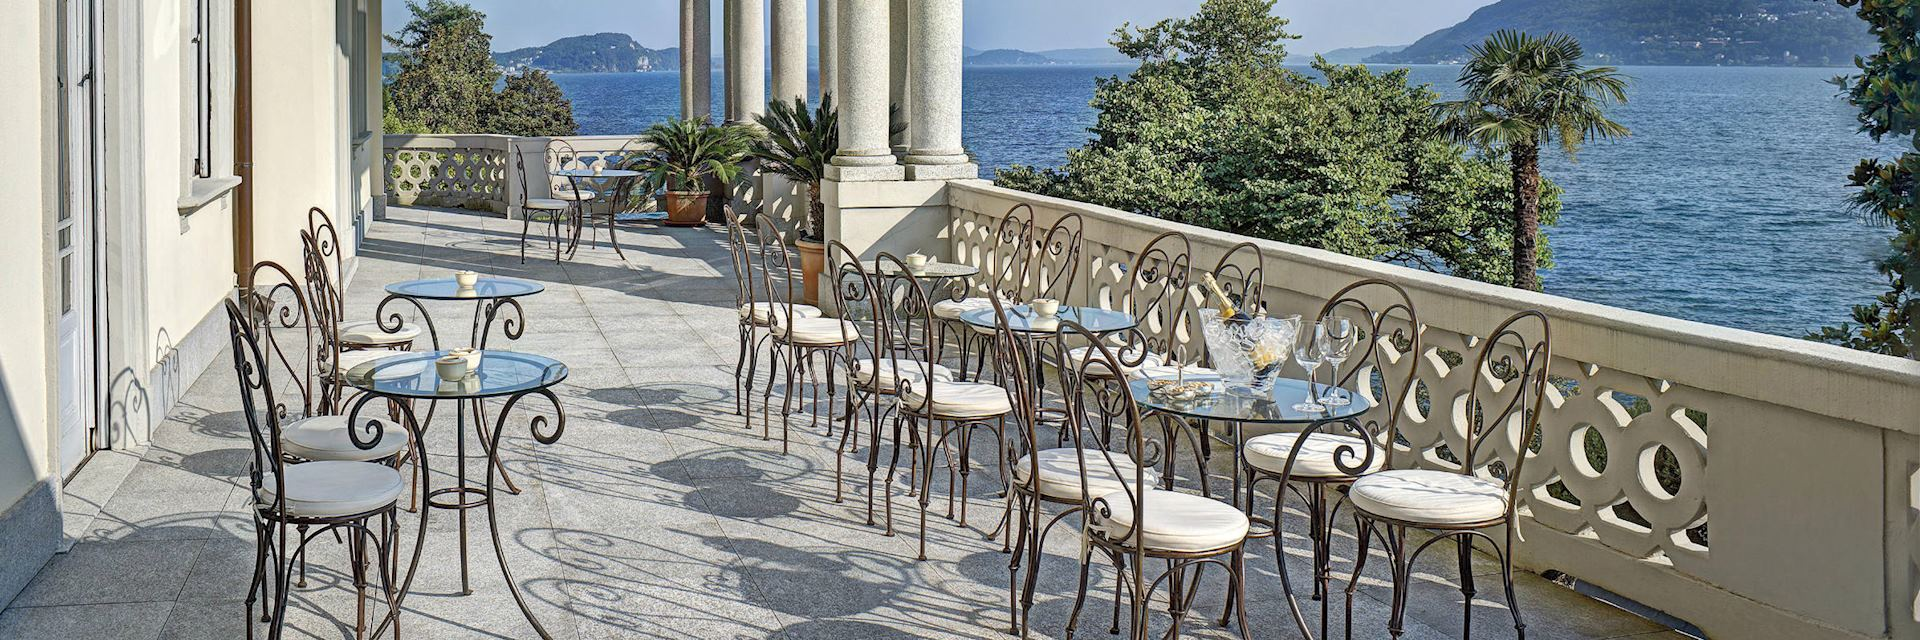 Grand Hotel Majestic, Lake Maggiore